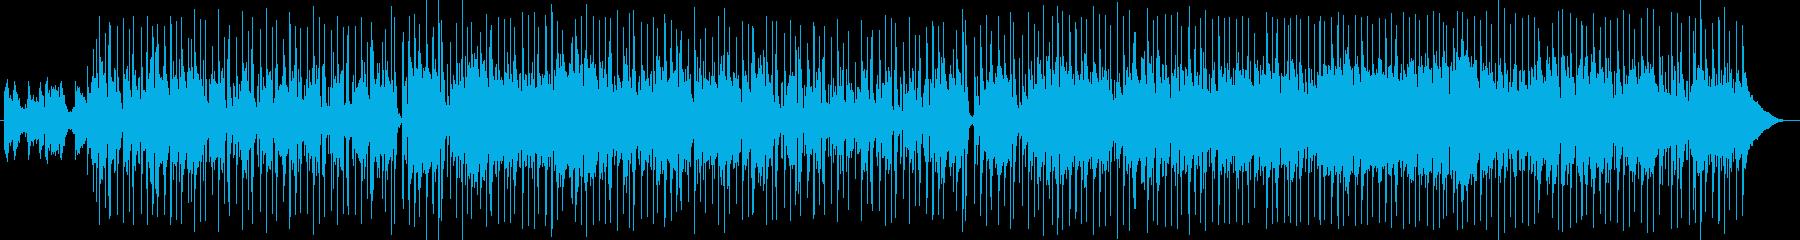 かわいらしく穏やかな曲の再生済みの波形